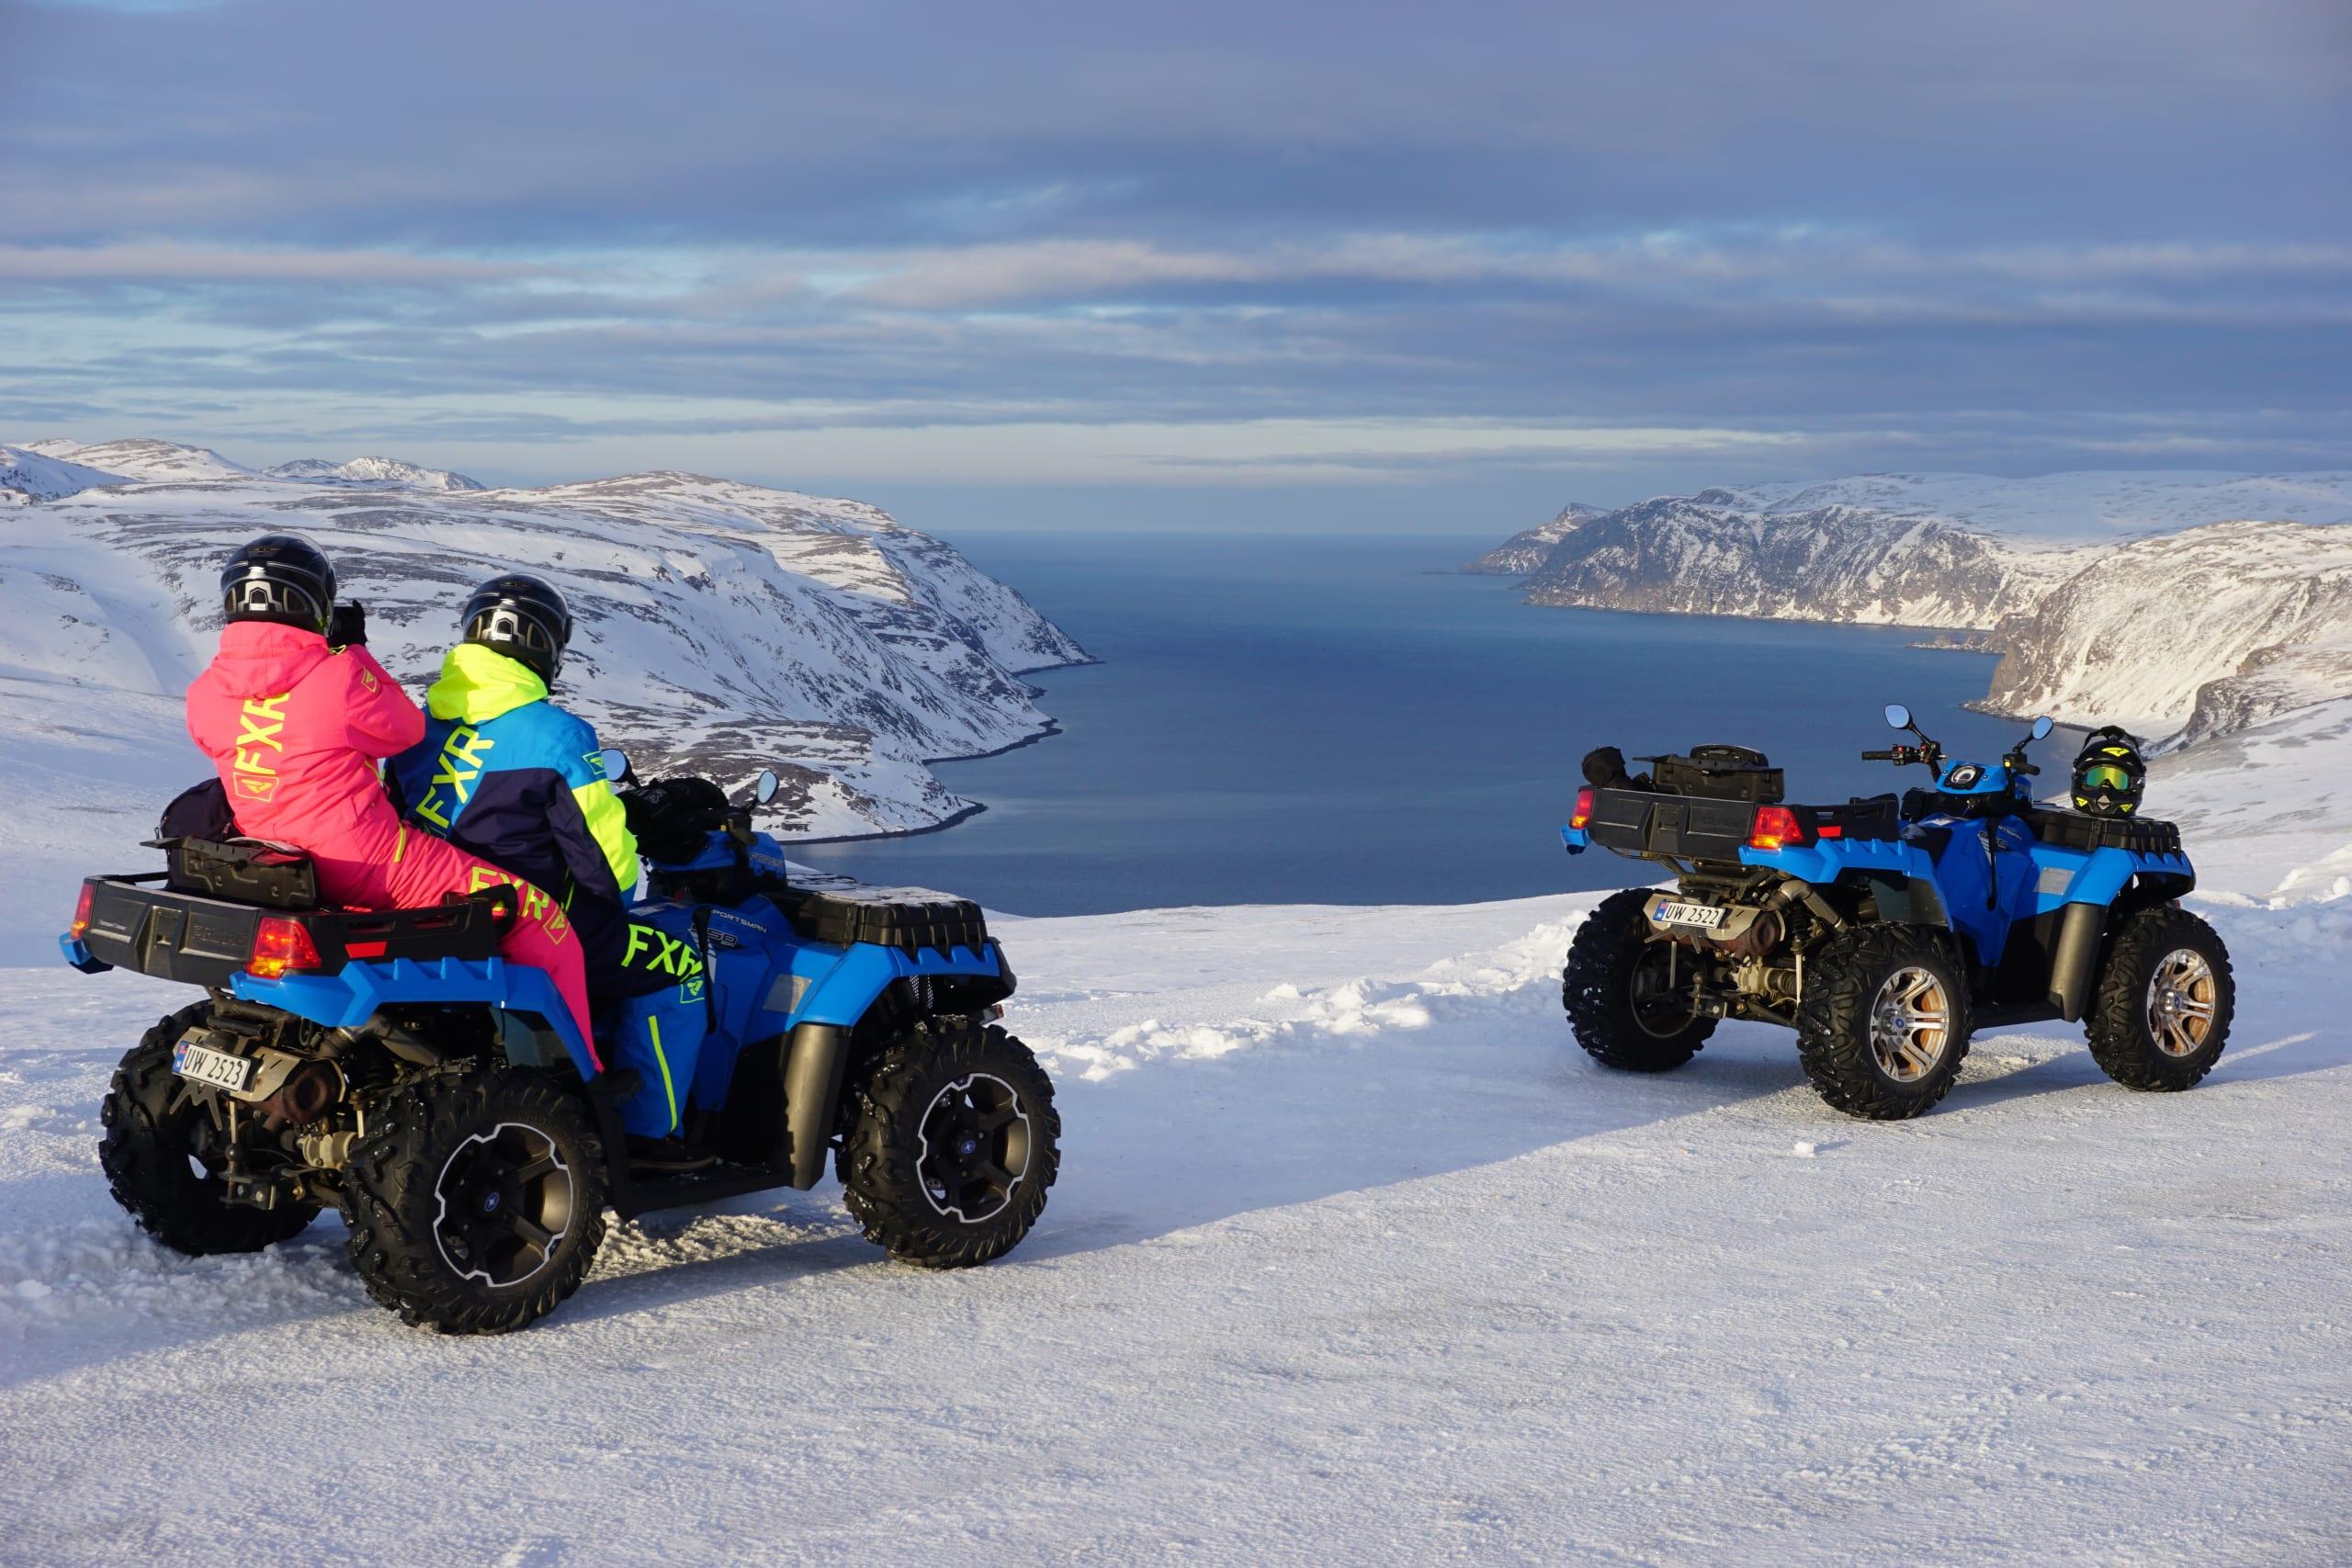 Magic views on North Cape ATV safari winter